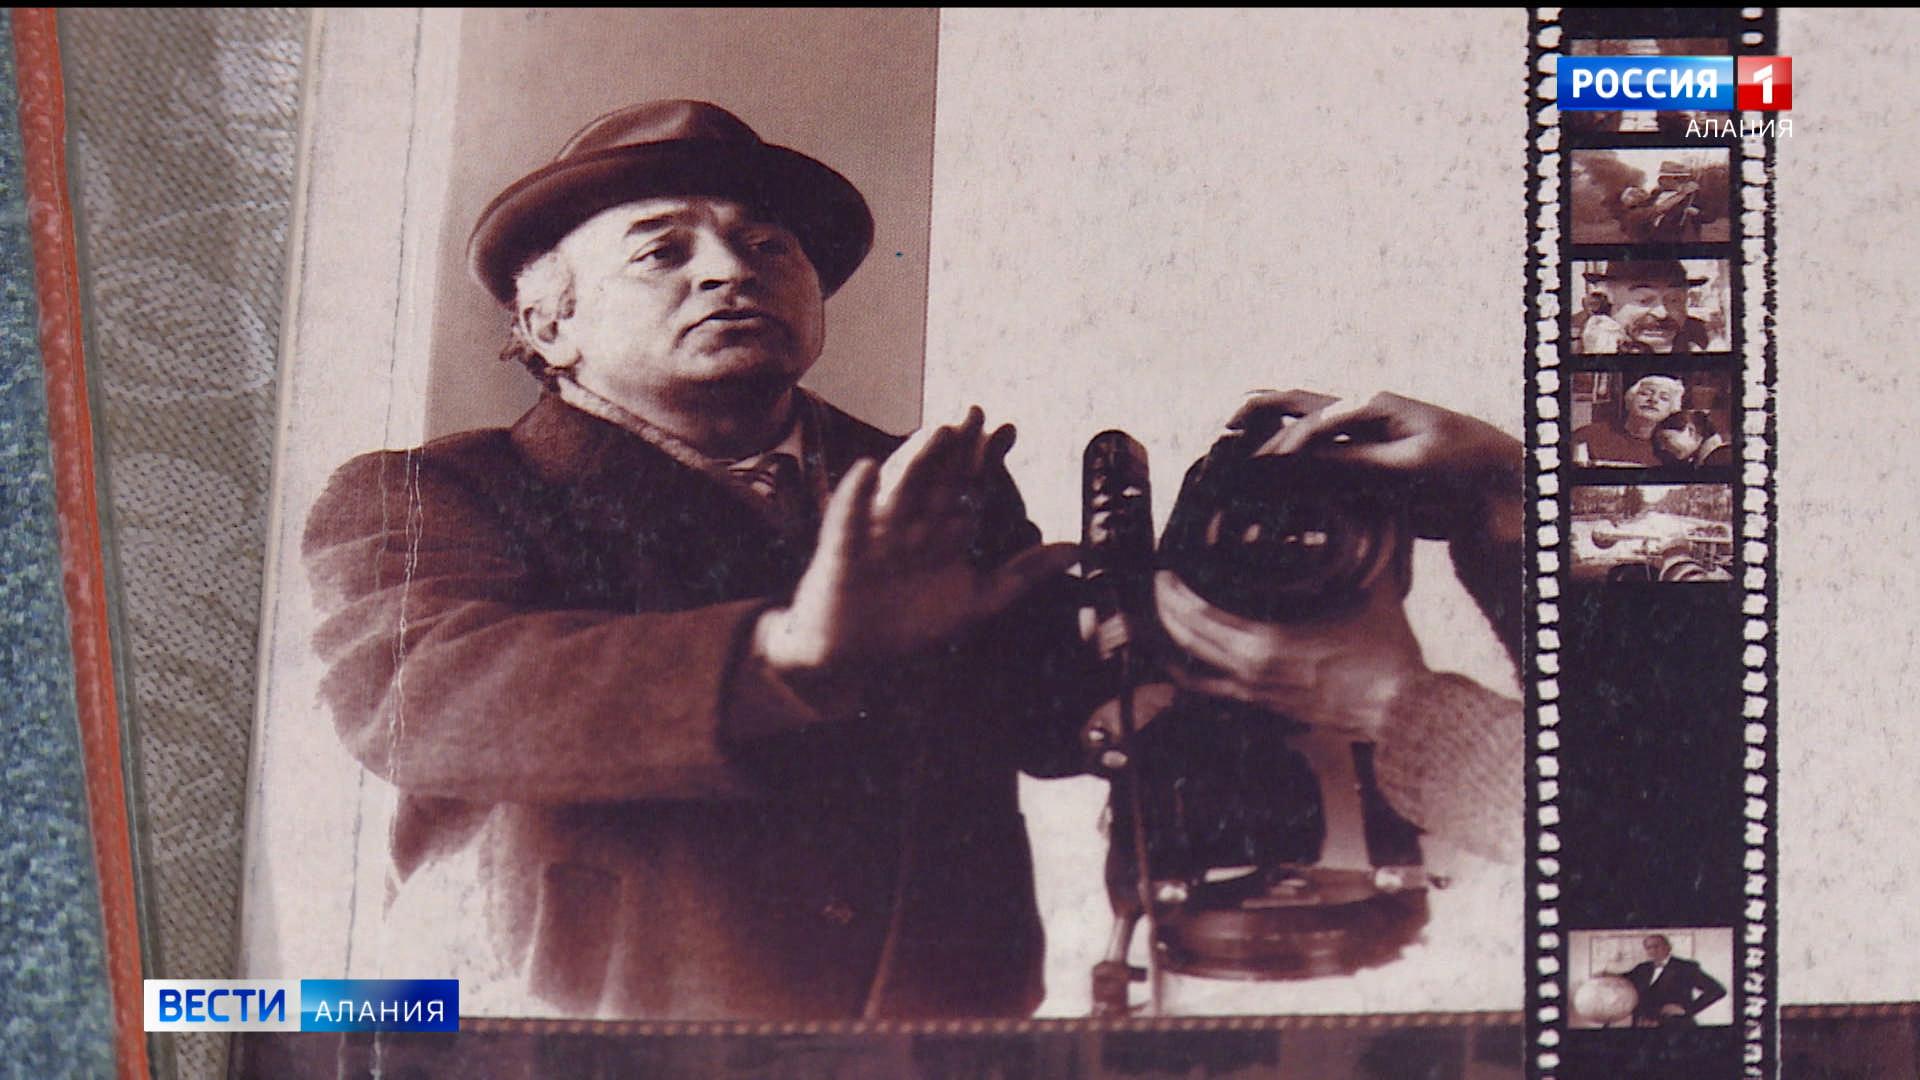 Актеру и режиссеру Батрбеку Дзбоеву исполнилось бы 85 лет